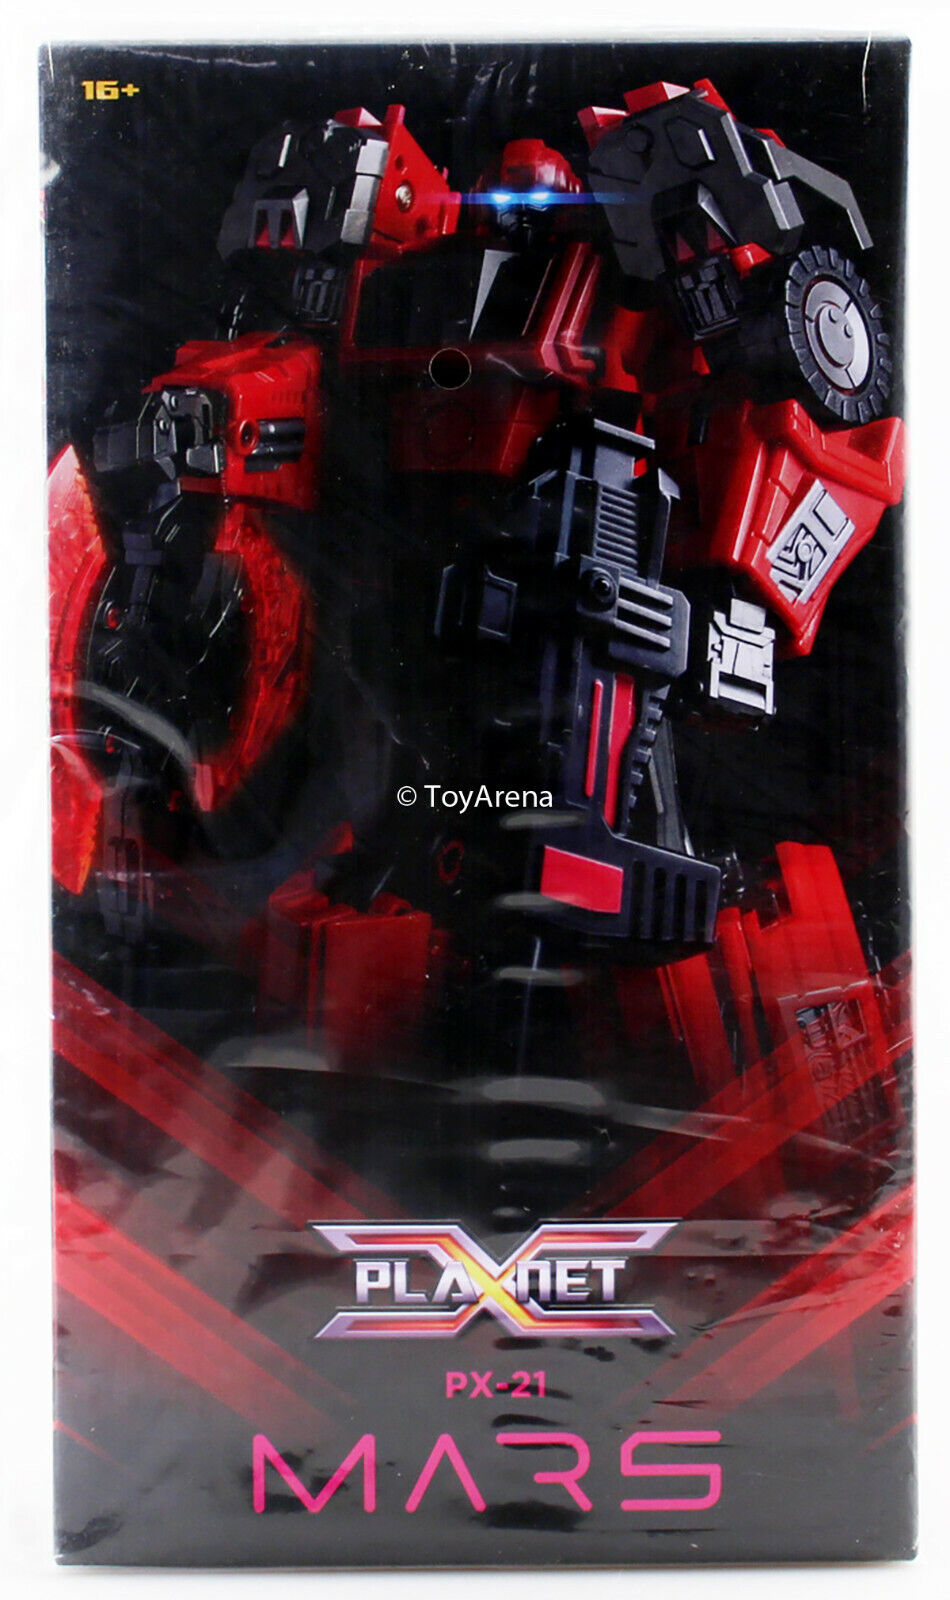 Planet X PX-21 Mars azione cifra Transformers   vieni a scegliere il tuo stile sportivo